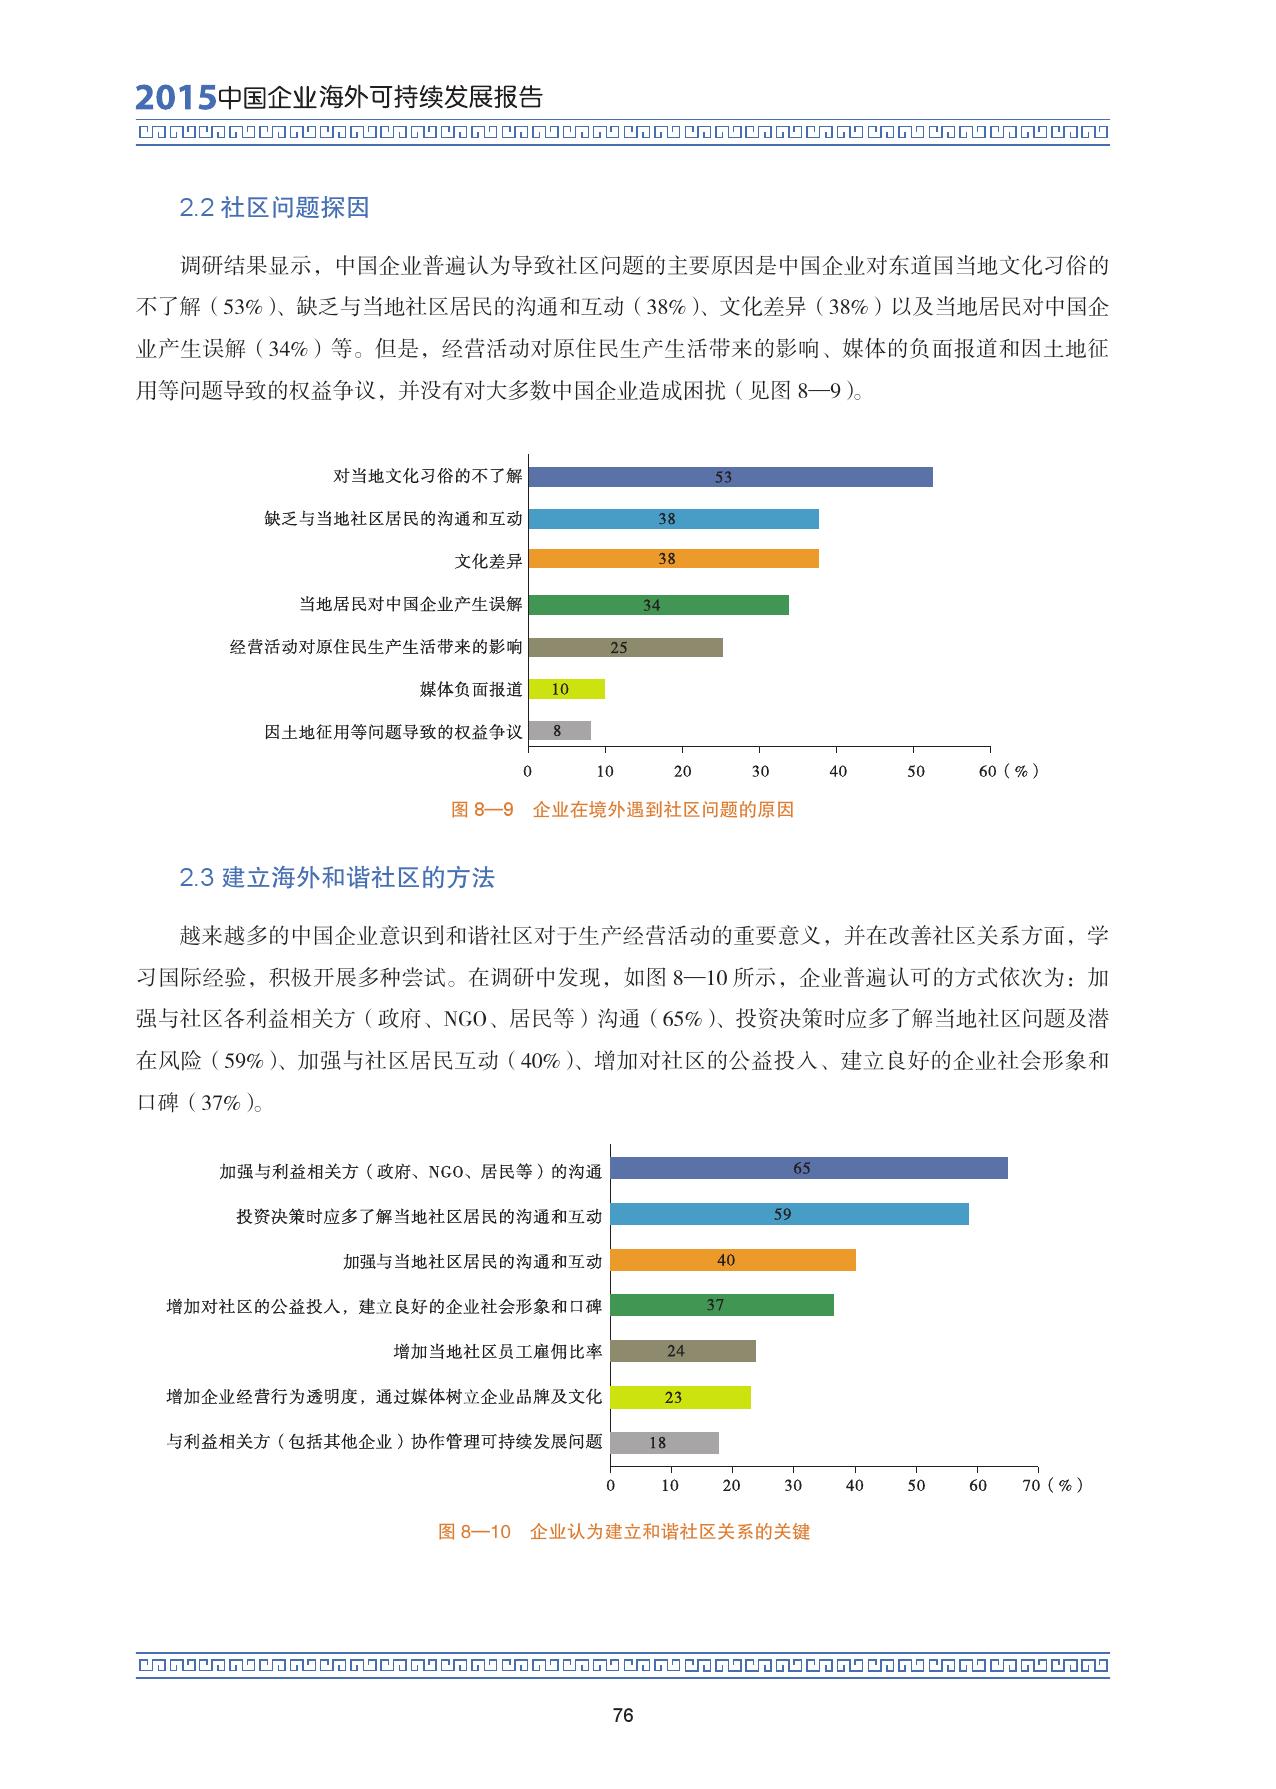 2015中国企业海外可持续发展报告_000090